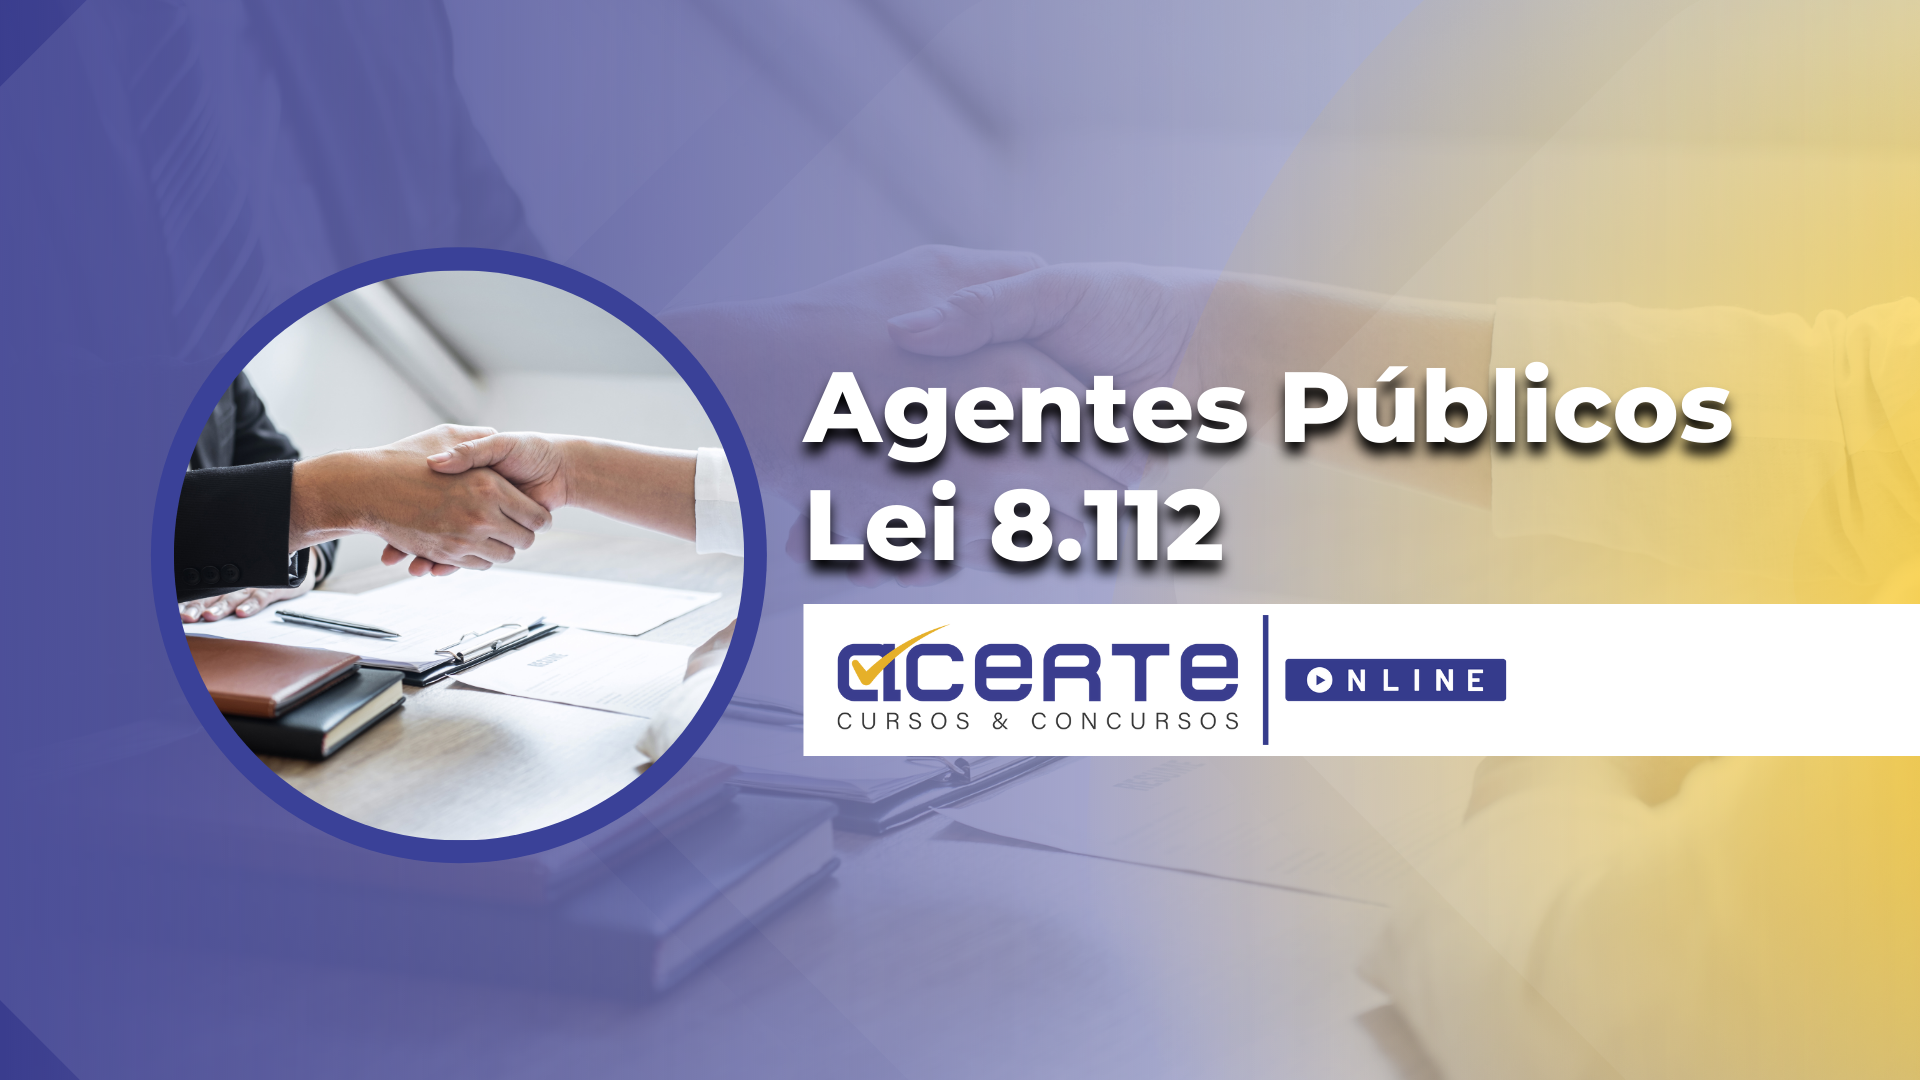 Agentes Públicos e Lei 8.112 - Online